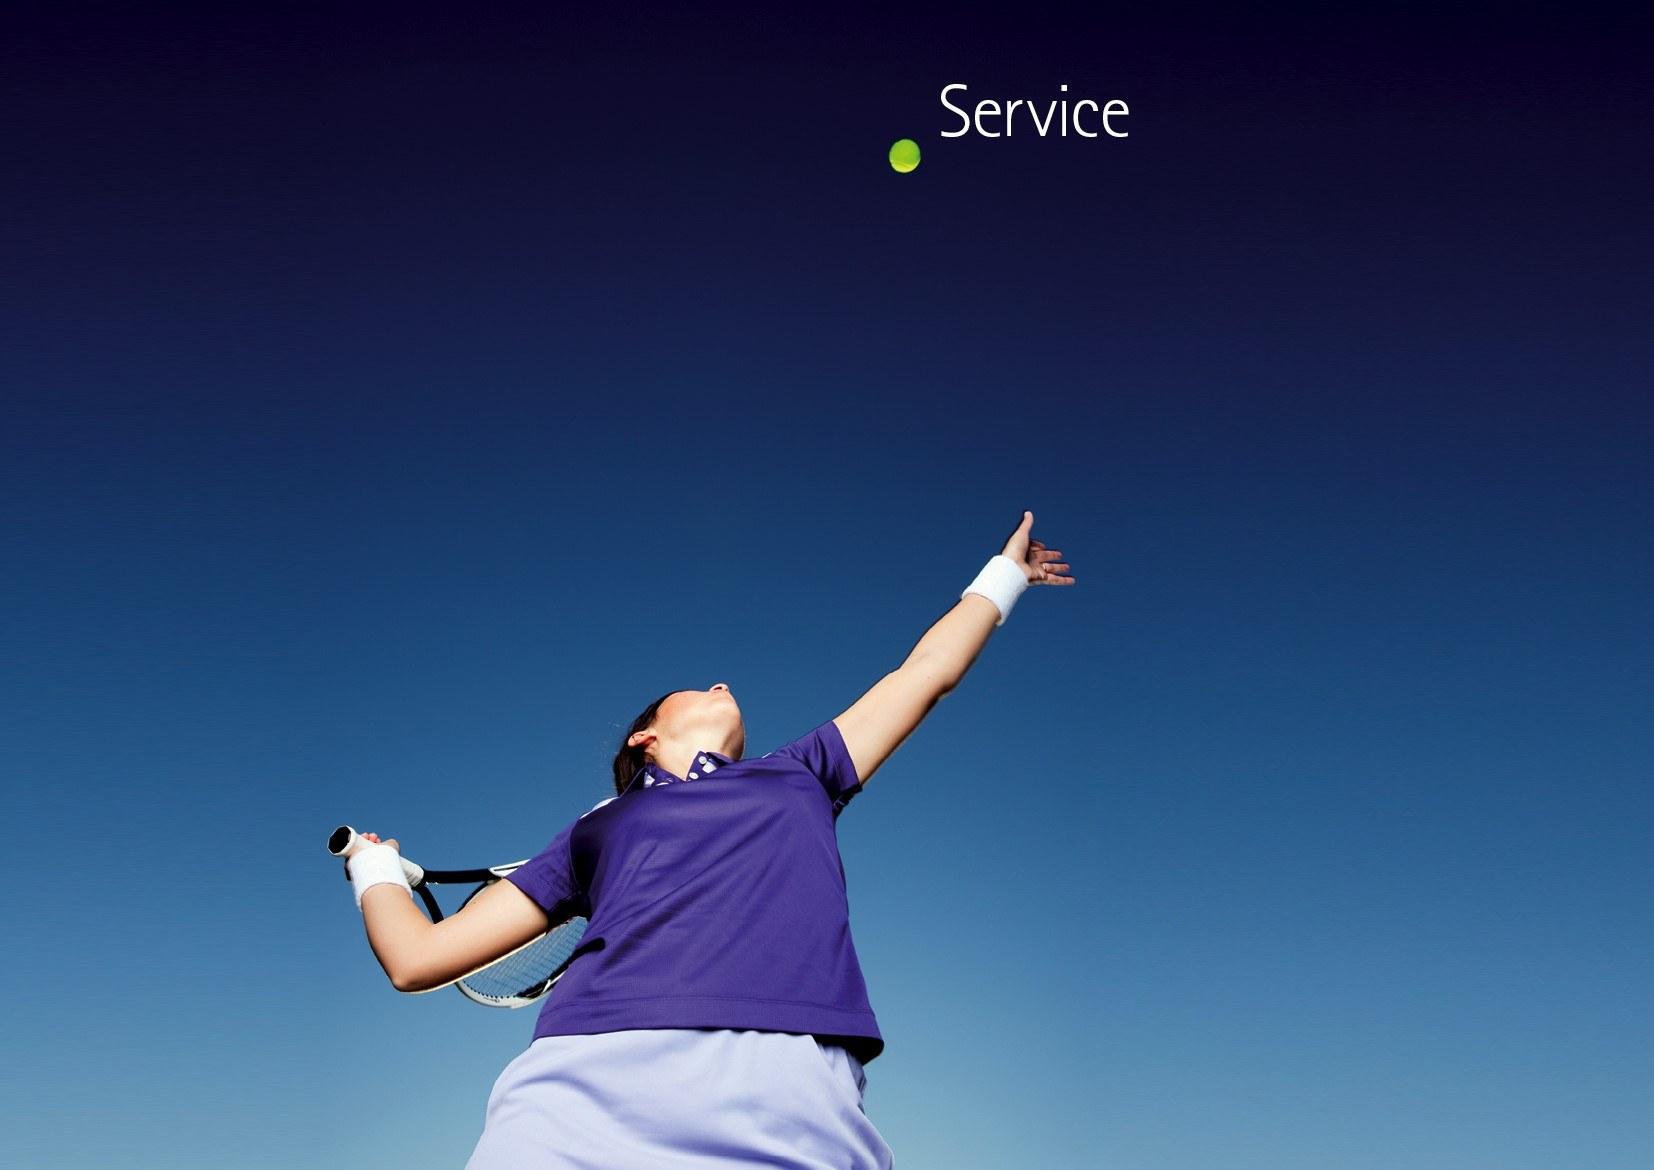 Leitbild Service